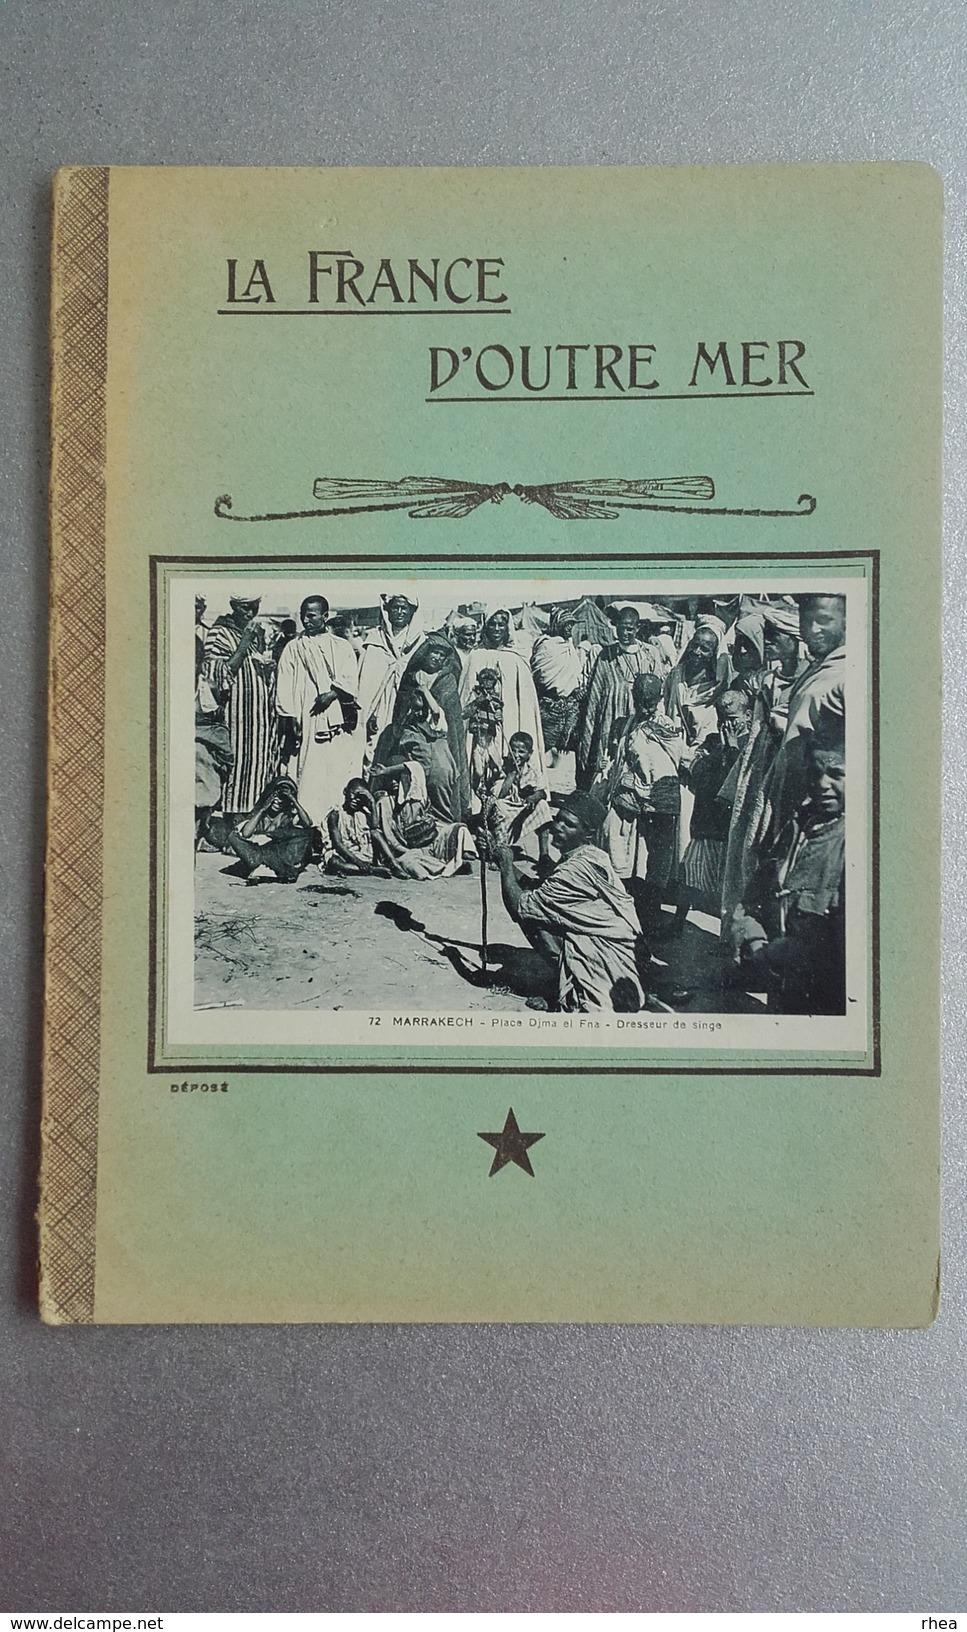 CAHIER D'ECOLIER - La France D'Outre Mer - Maroc - Marrakech - Dresseur De Singe - Vieux Papiers